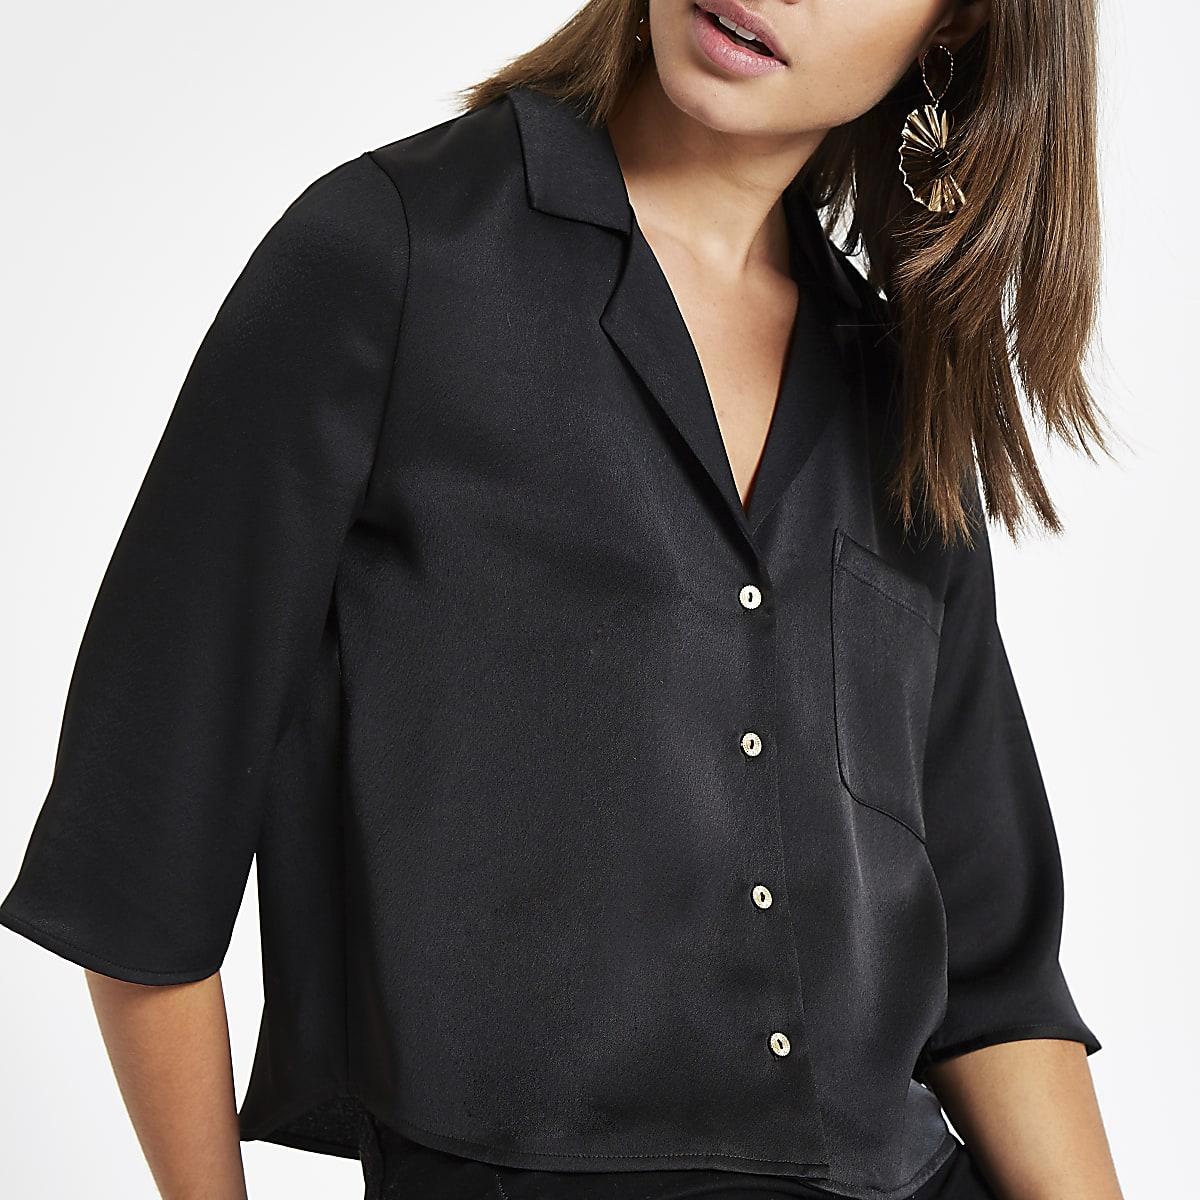 Chemise courte noire boutonnée